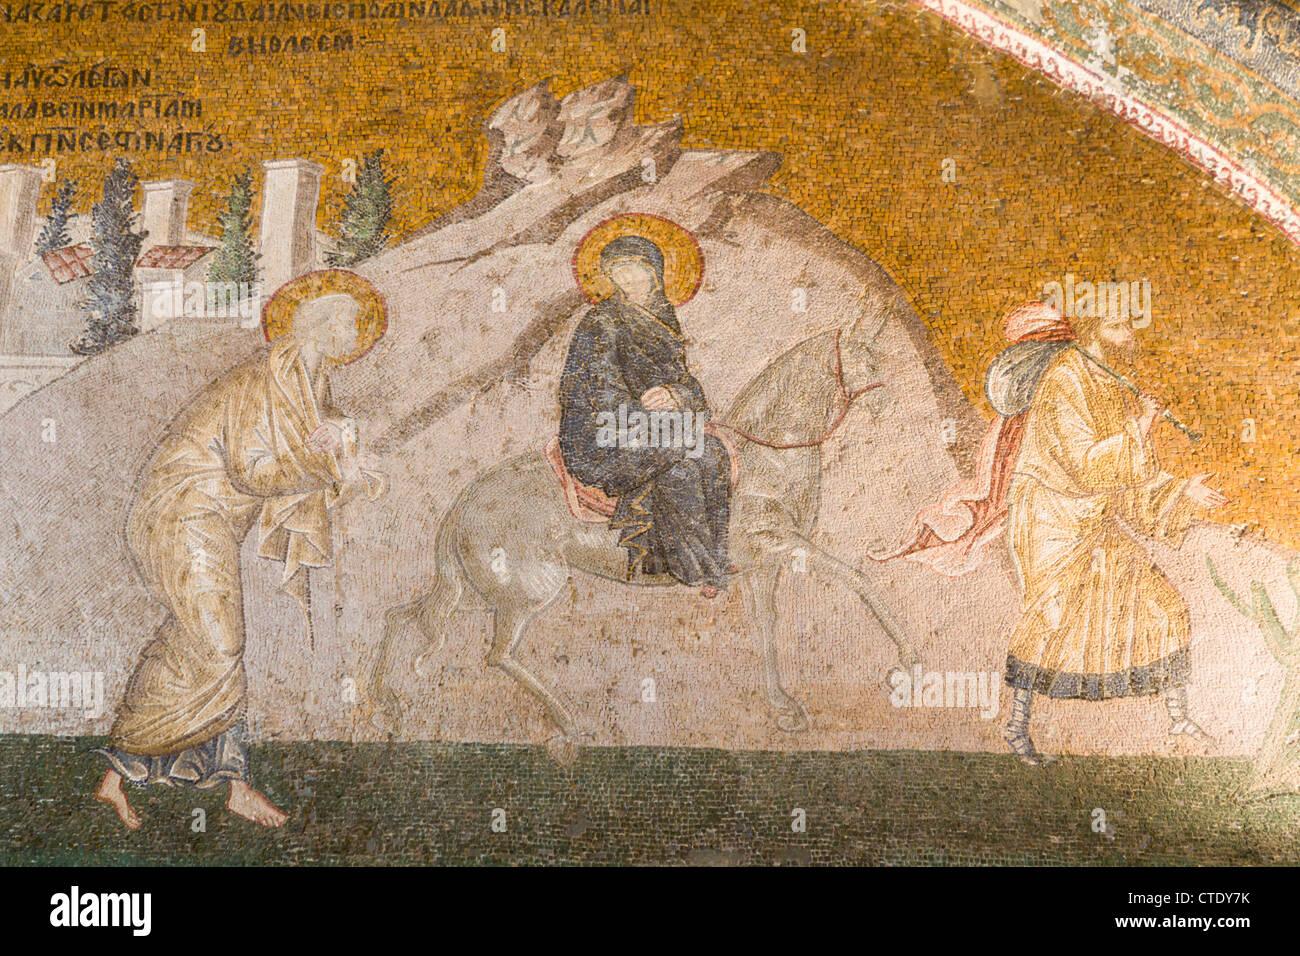 Istanbul, Turchia. La chiesa bizantina di San Salvatore in Chora. Mosaico della Vergine Maria e Giuseppe nel cammino Immagini Stock